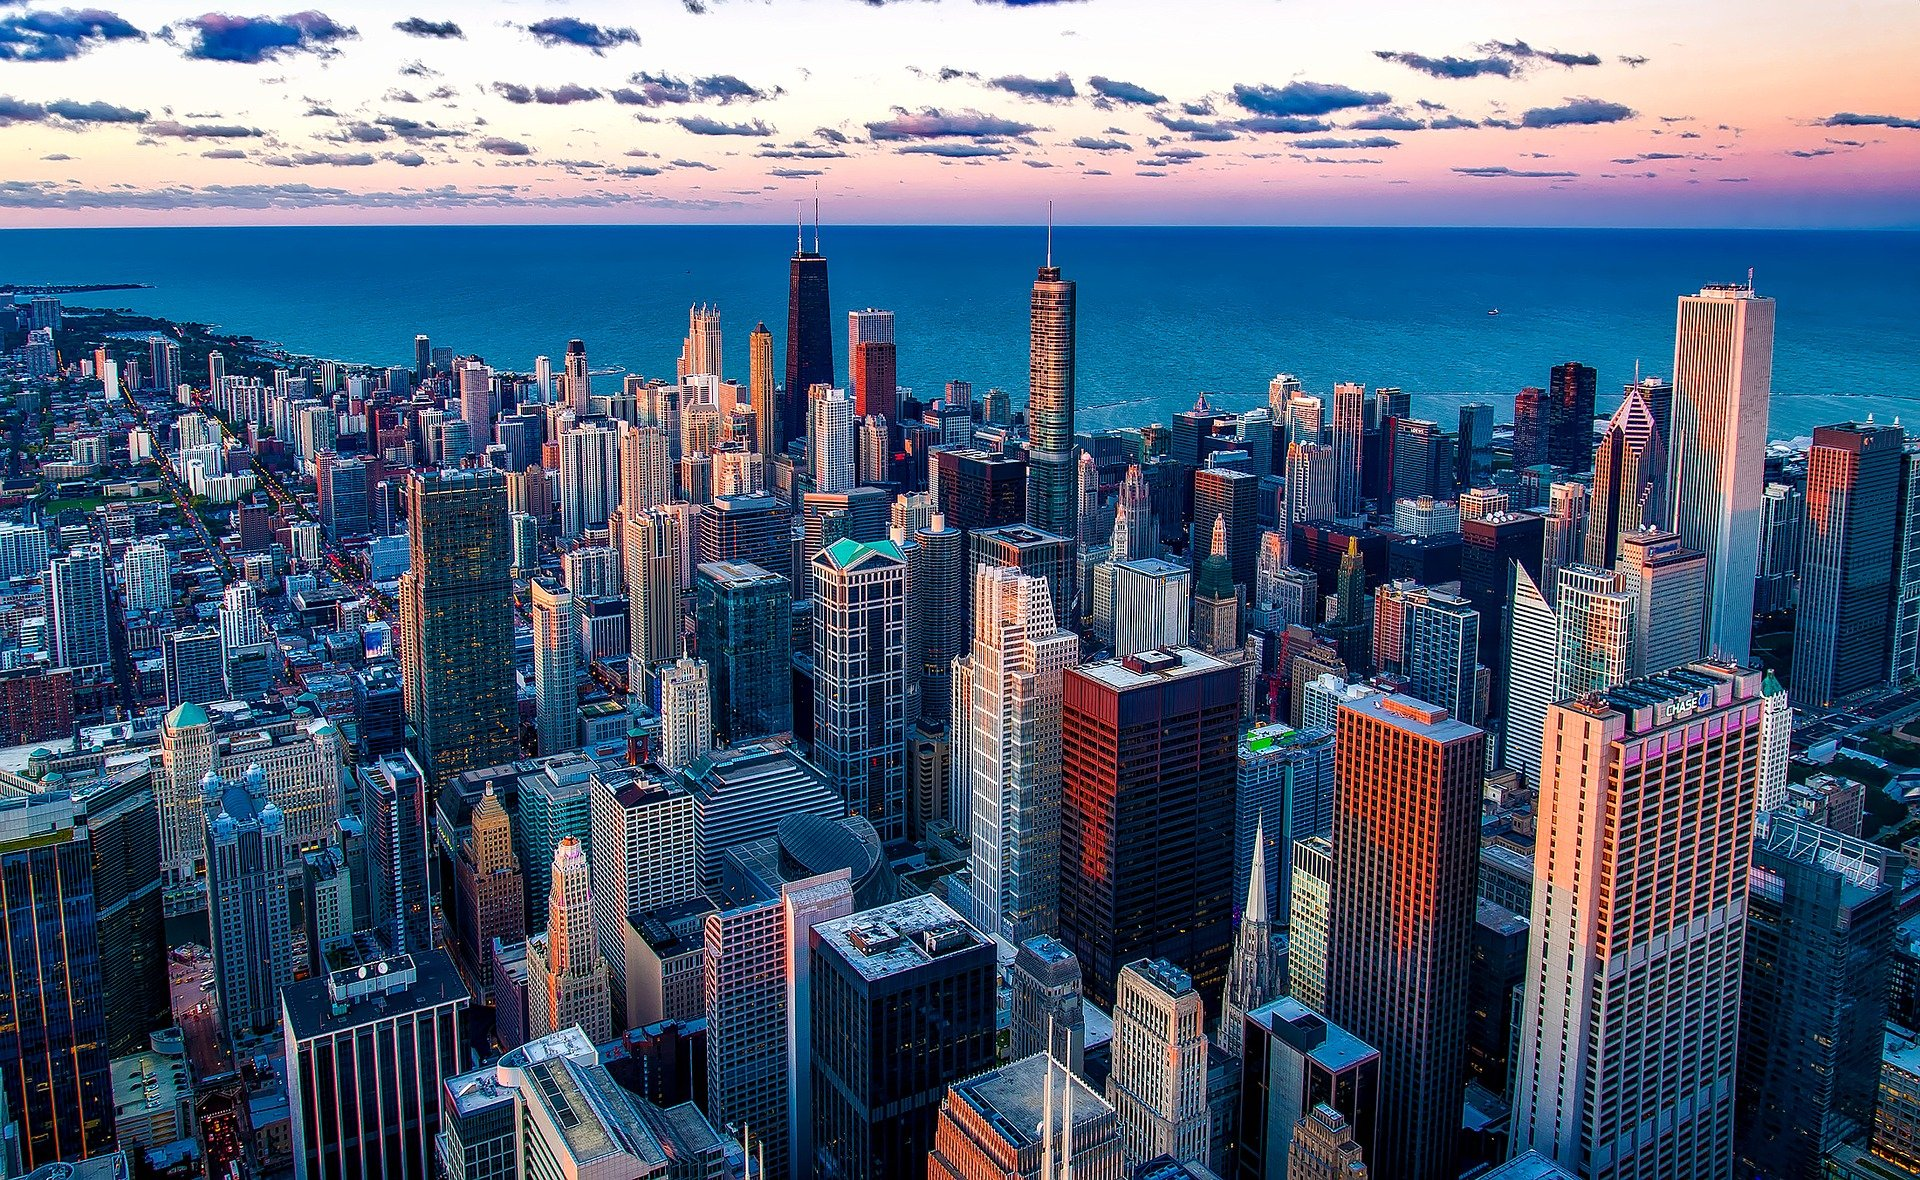 Downtown Chicago aus der Vogelperspektive